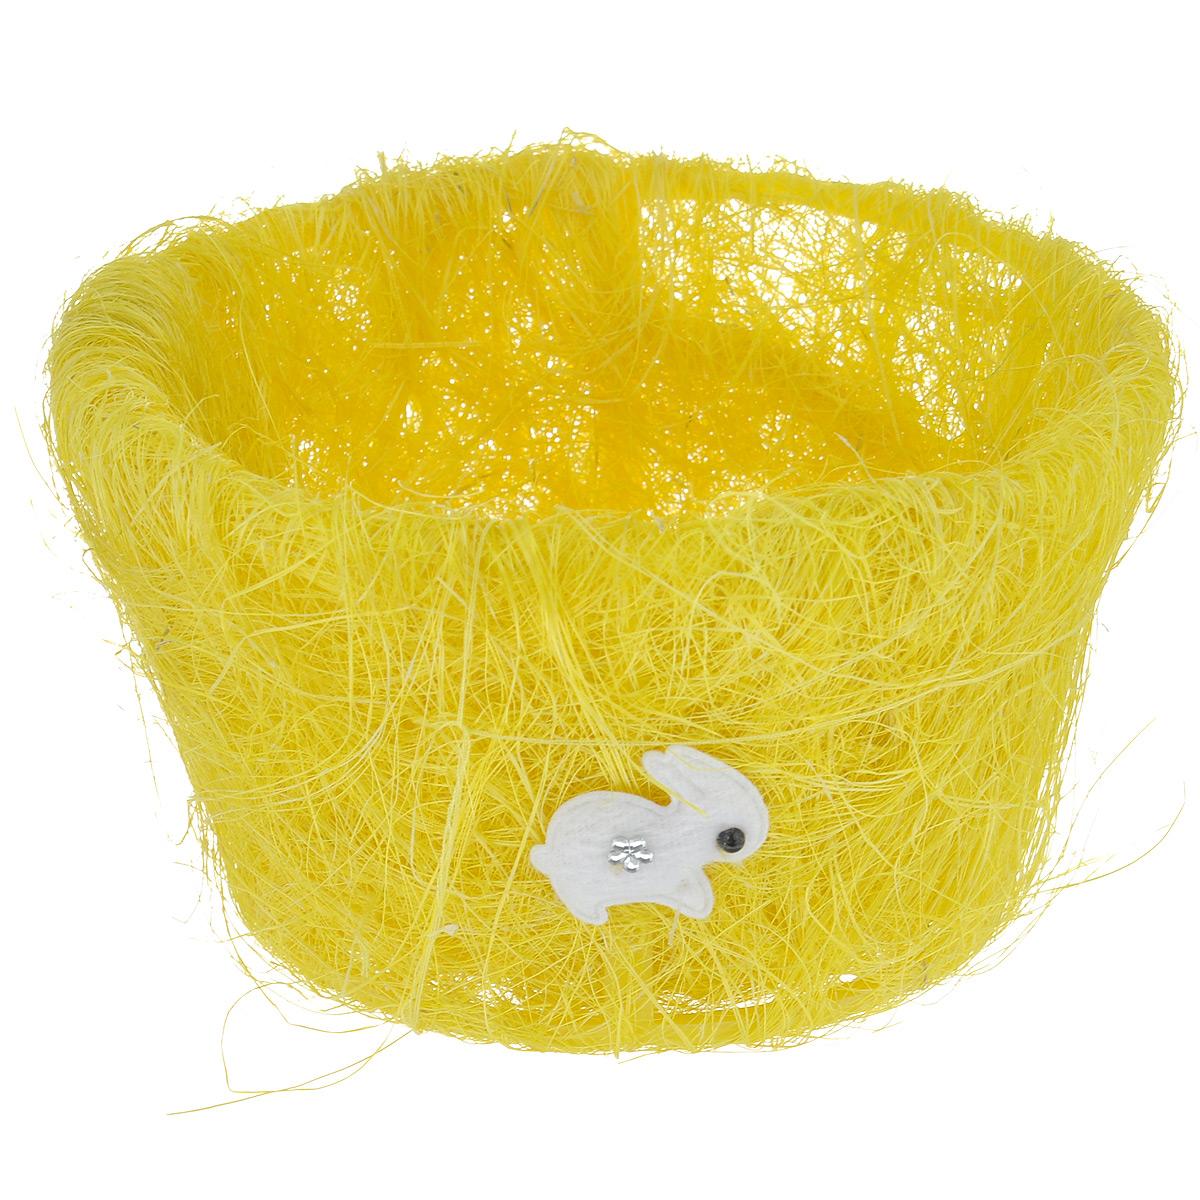 Корзина декоративная Home Queen Полевые цветы, цвет: желтый, 15,5 х 9 см66819_1Декоративная корзина Home Queen Полевые цветы предназначена для хранения различных мелочей и аксессуаров. Изделие имеет пластиковый каркас, обтянутый нитями из полиэстера. Корзина украшена фигуркой зайца со стразами. Такая корзина станет оригинальным и необычным подарком или украшением интерьера. Размер корзины: 15,5 см х 15,5 см х 9 см. Диаметр дна: 11 см.